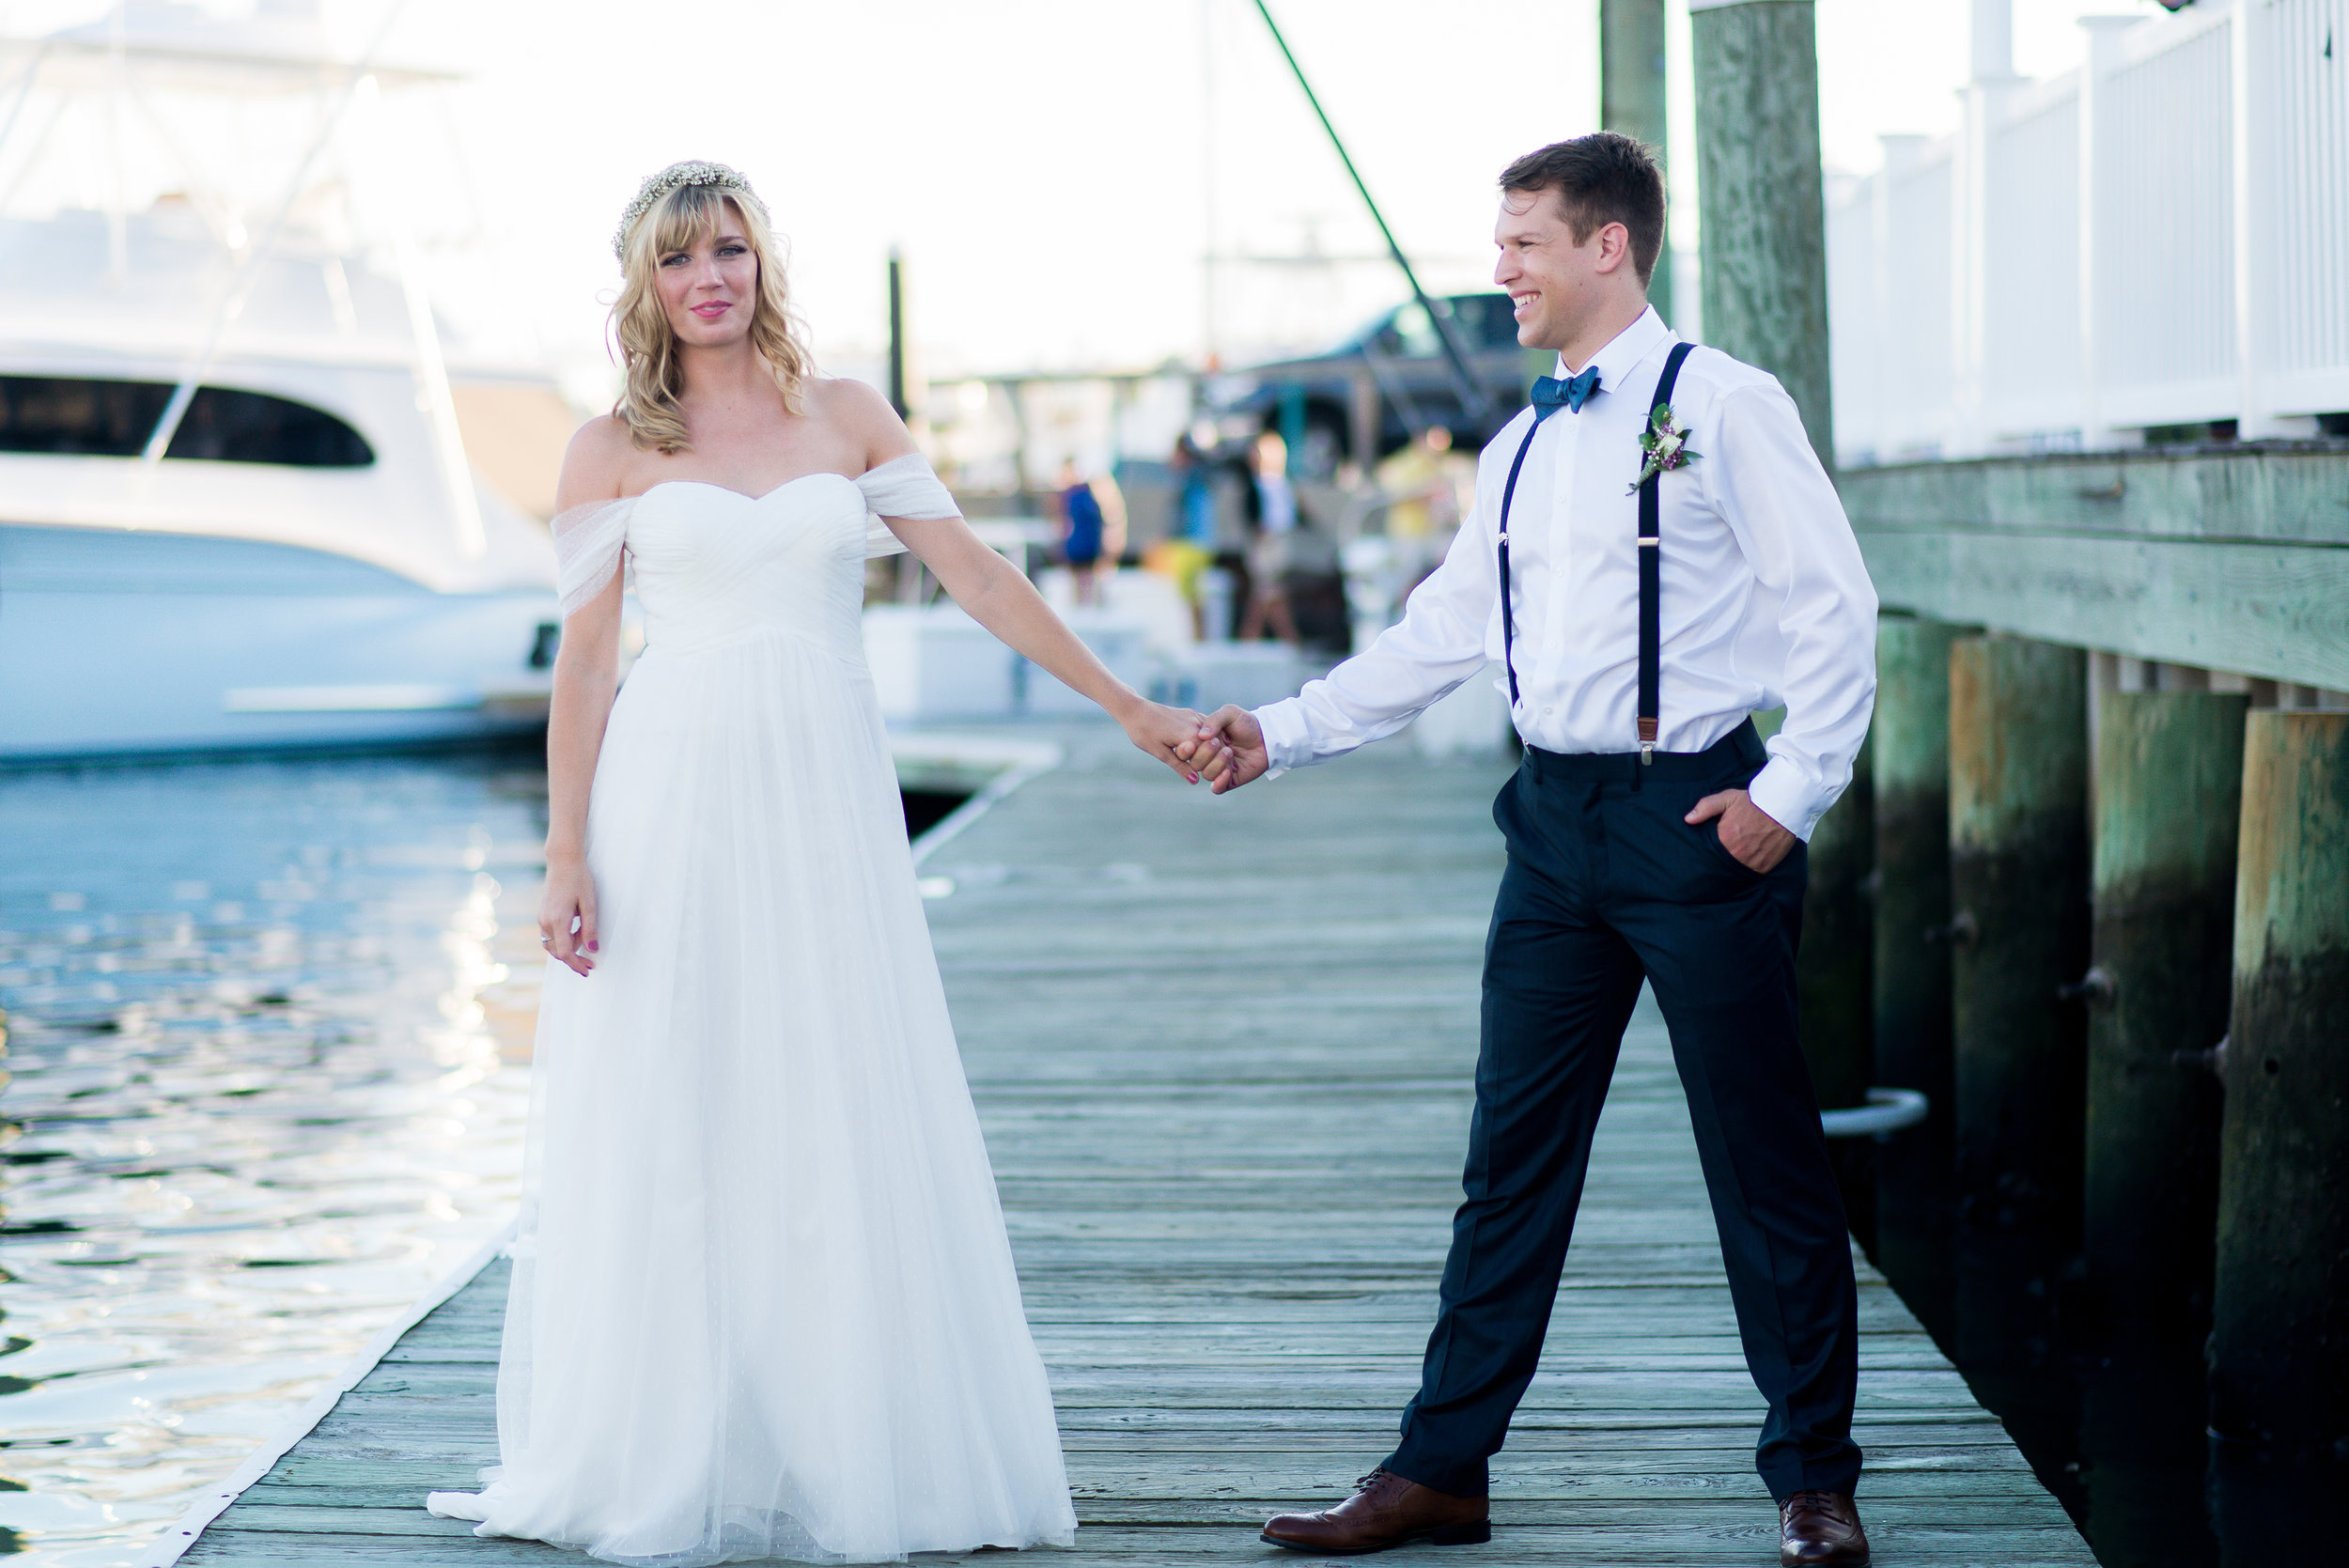 Laura + Joel | Married0829.jpg